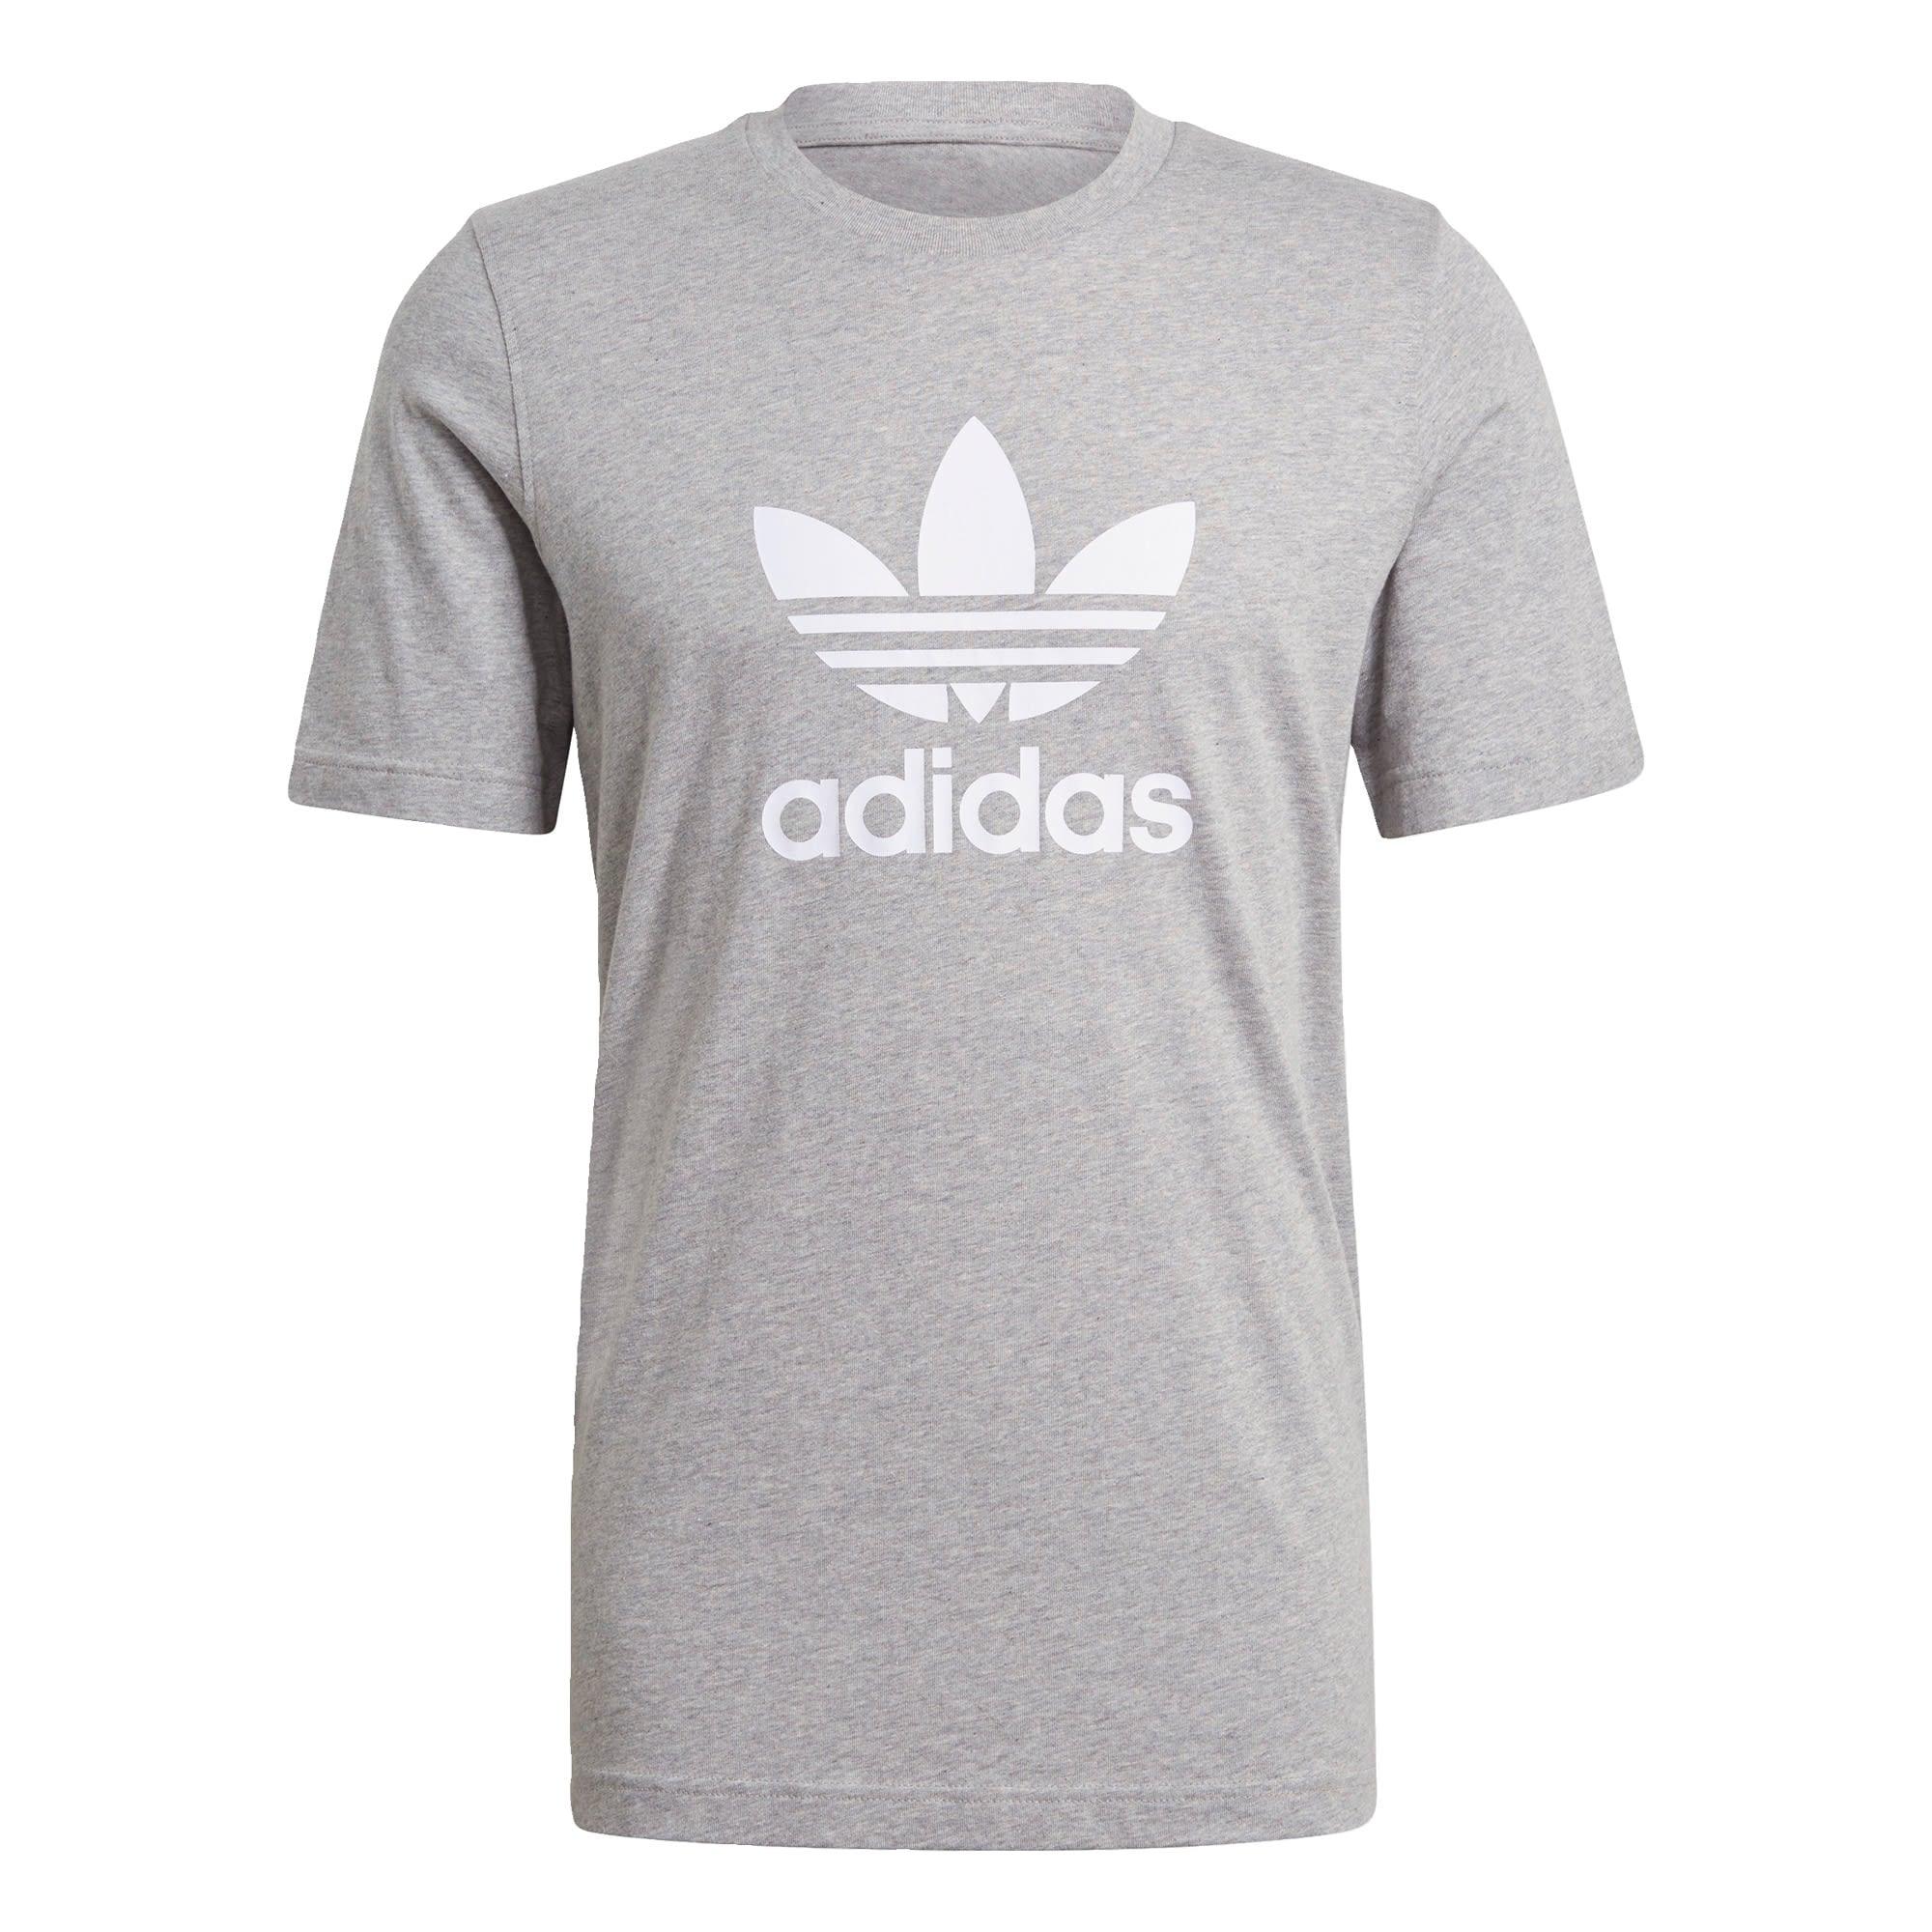 ADIDAS ORIGINALS Marškinėliai šviesiai pilka / balta